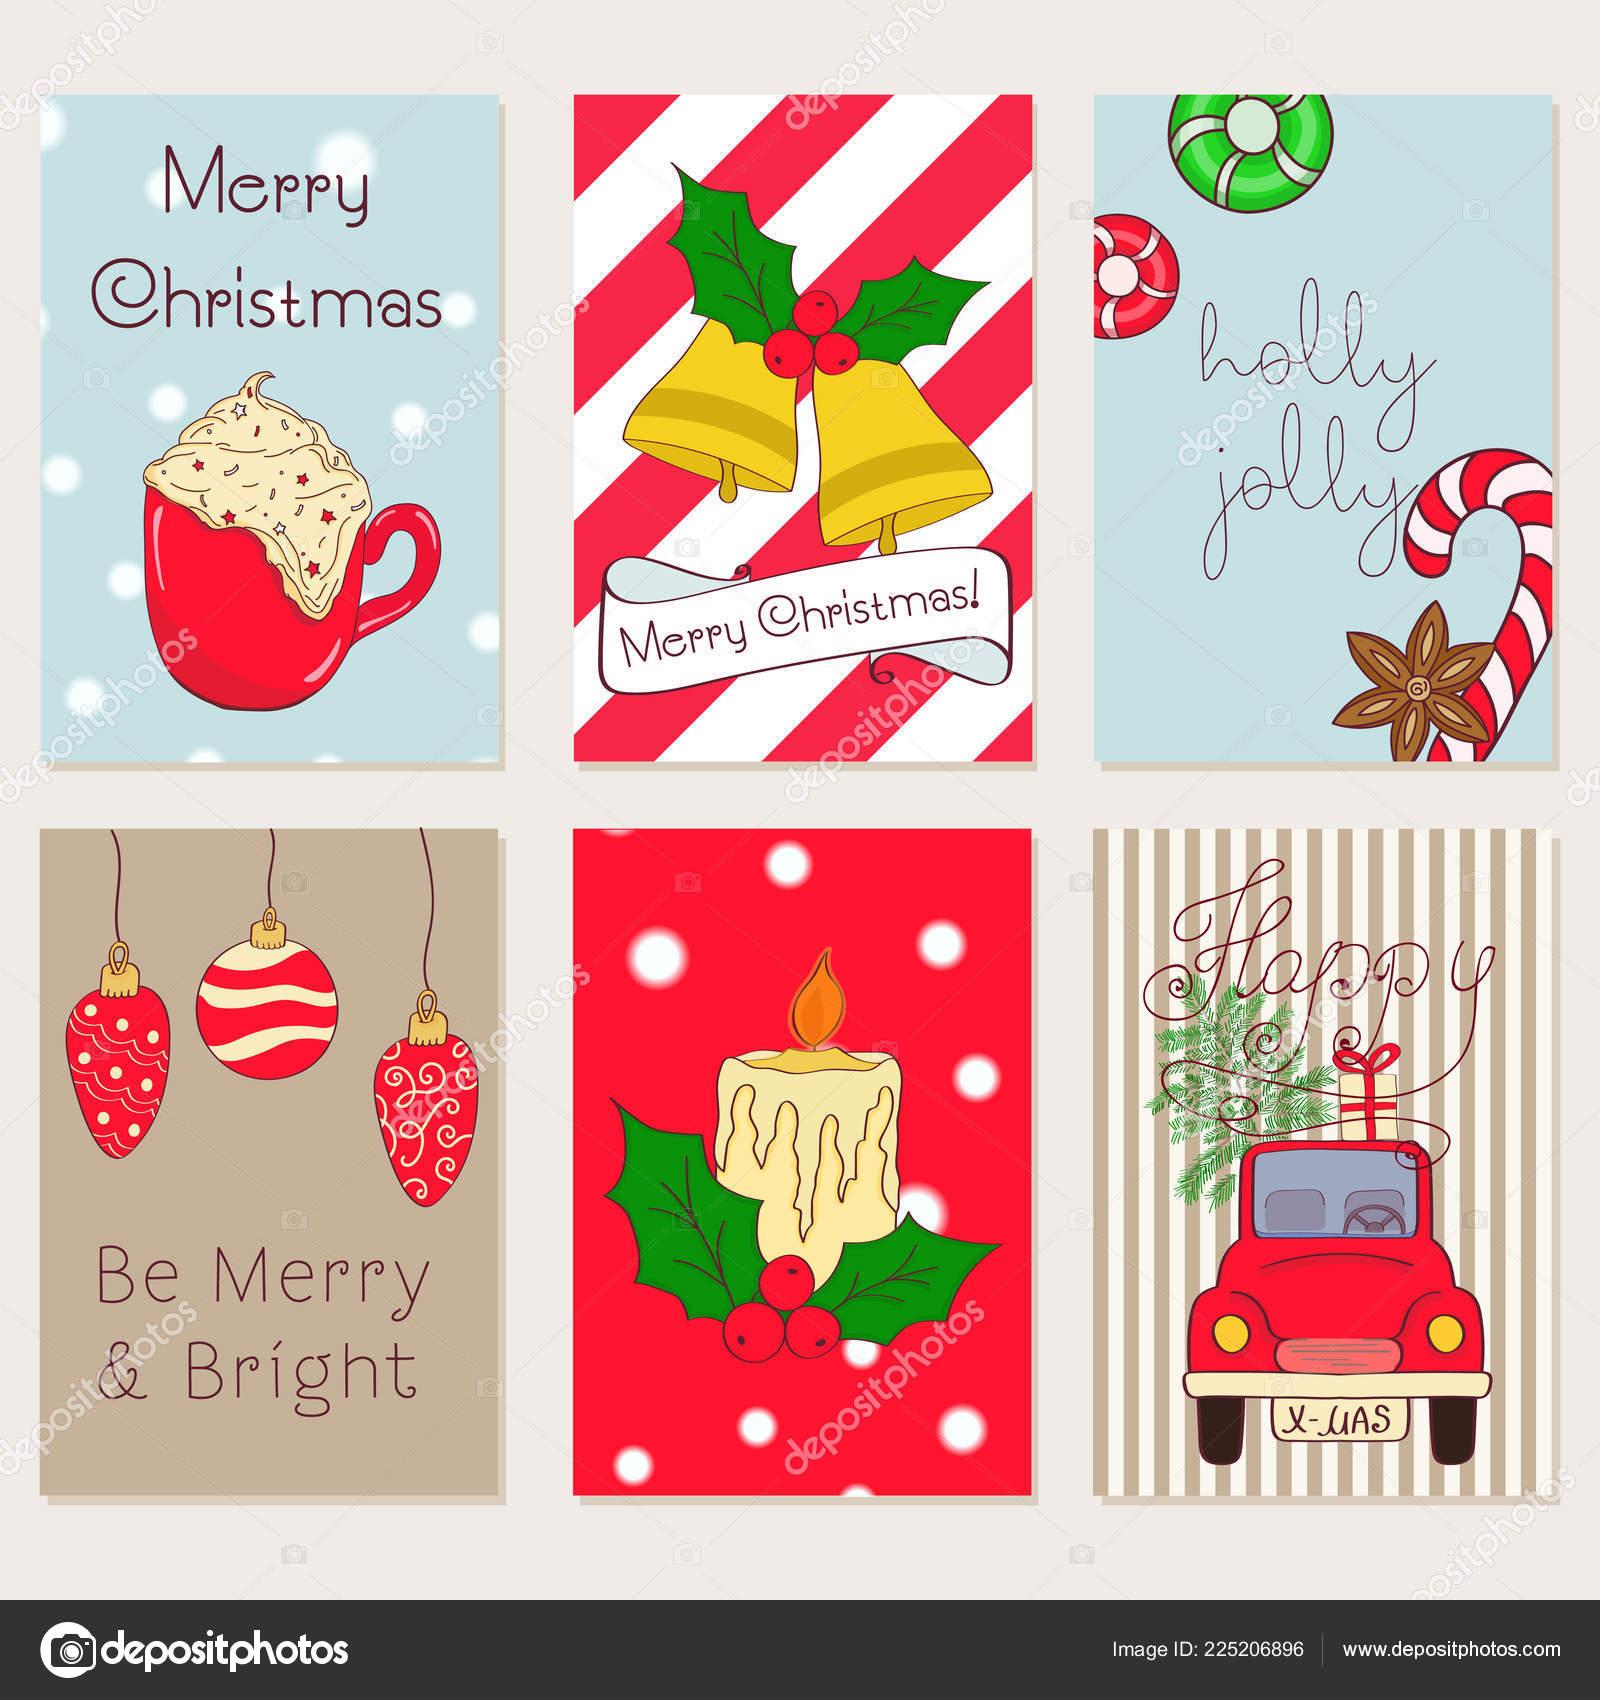 Weihnachtskarten Einladung.Handgemalte Weihnachtskarten Kollektion Frohe Weihnachten Und